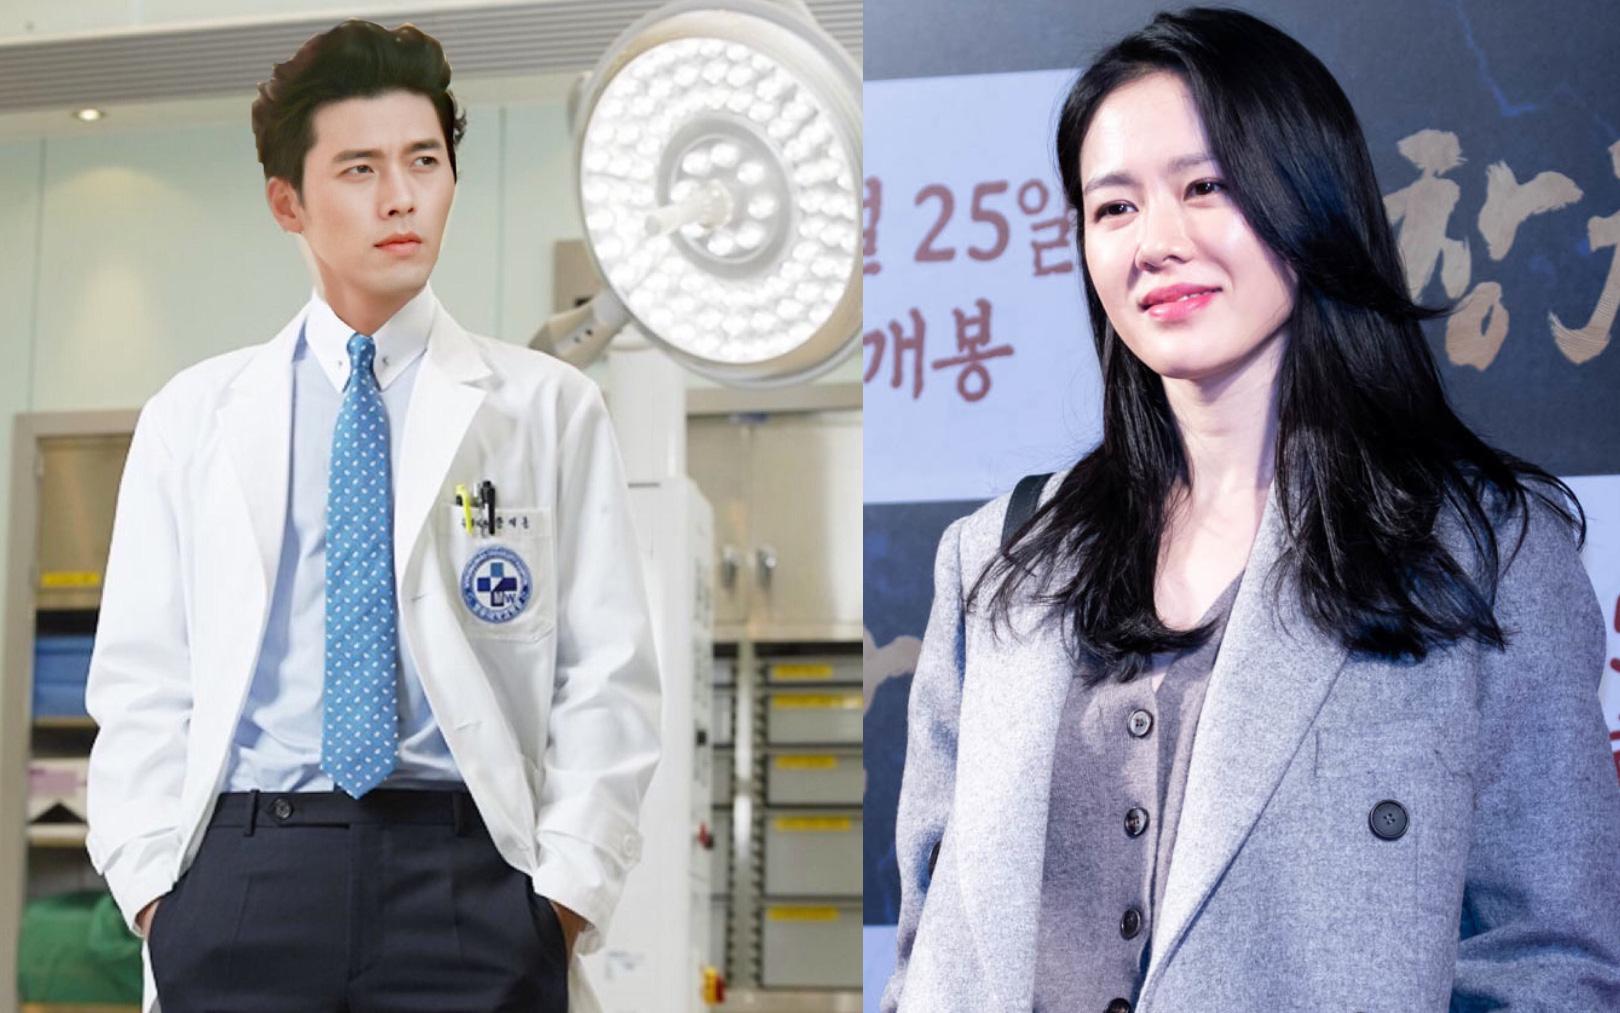 Rộ tin Hyun Bin đóng phim mới vai bác sĩ điển trai, netizen réo Son Ye Jin làm nữ chính, Song Hye Kyo cũng bị nhắc tên